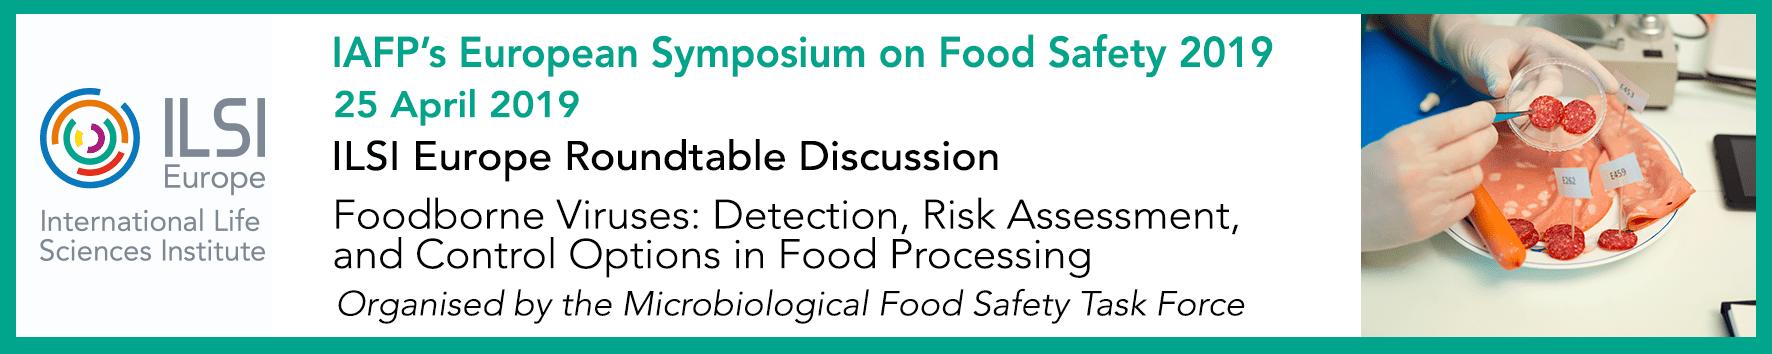 ILSI / ILSI Europe's Roundtable on 'Foodborne Viruses